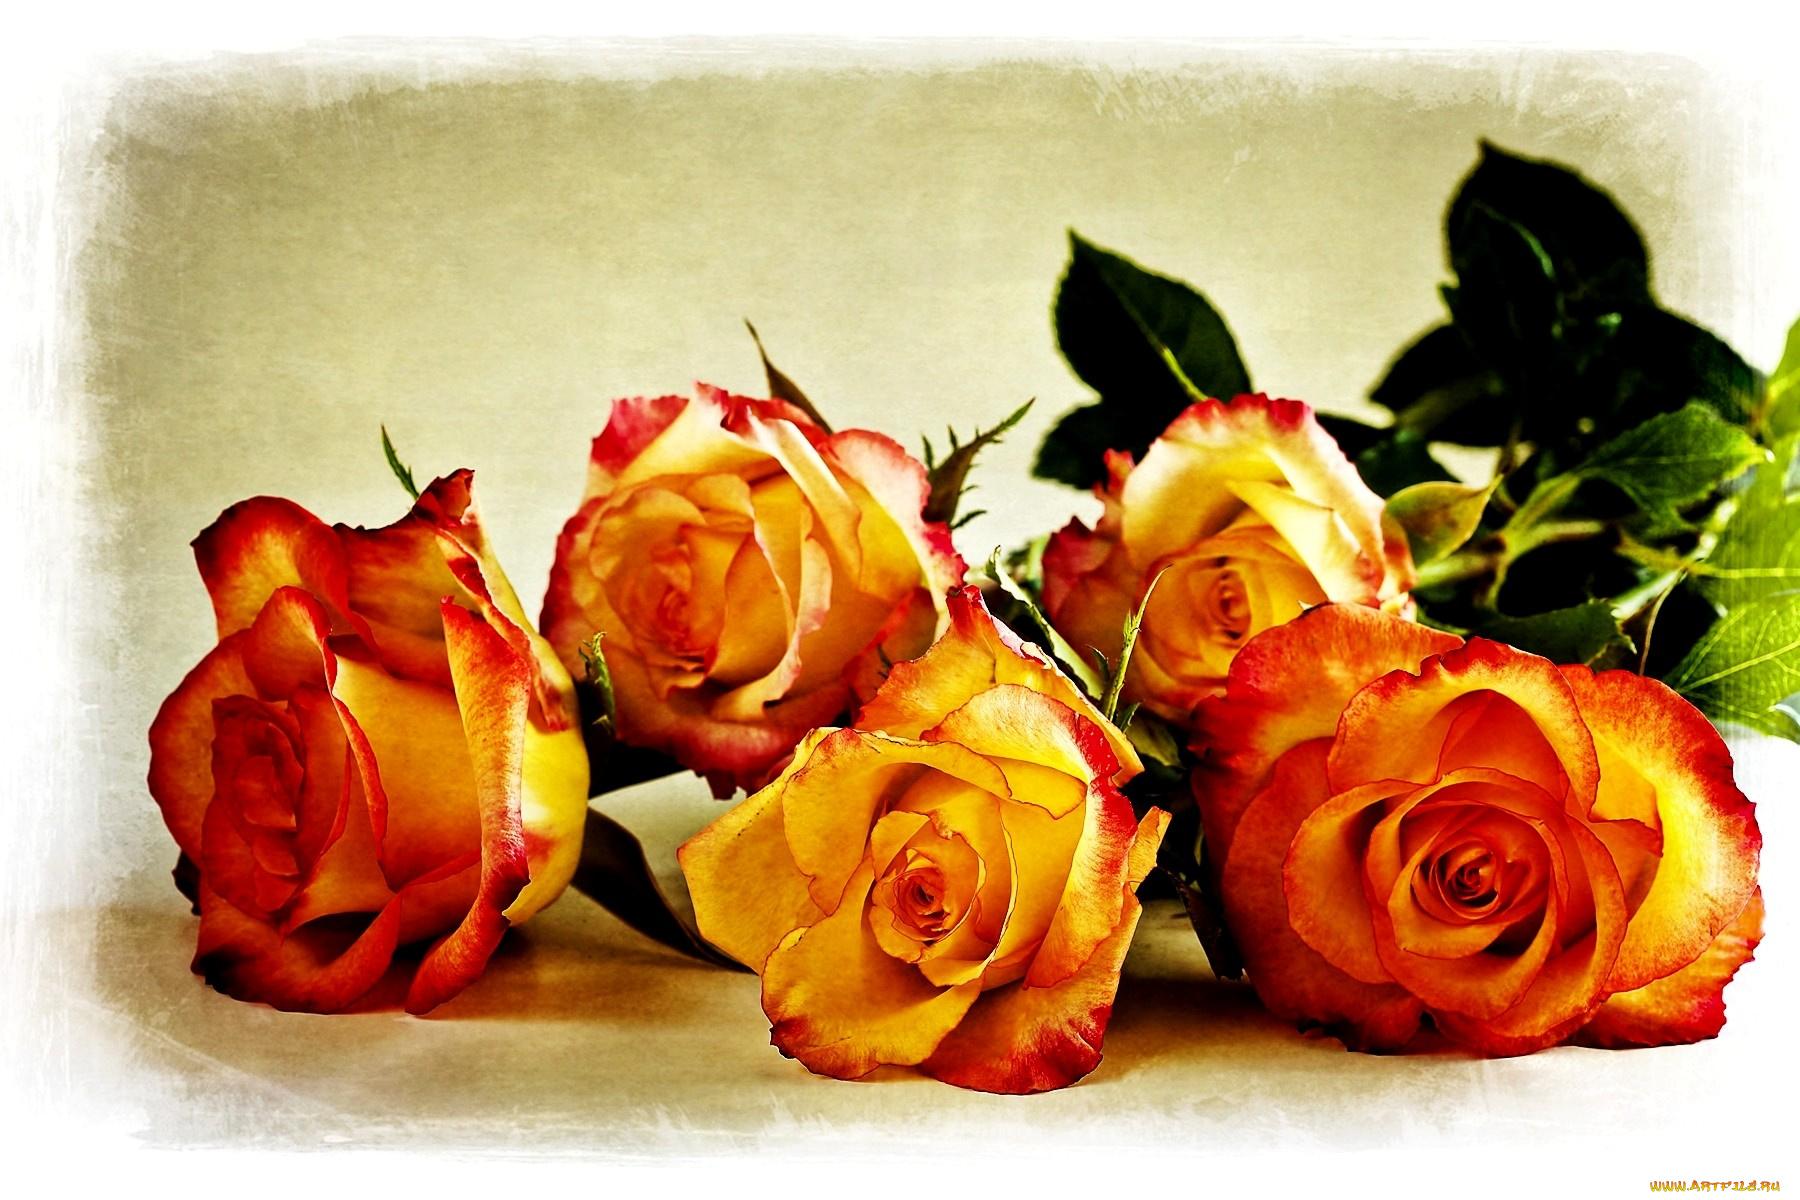 Картинка с др розы, морем